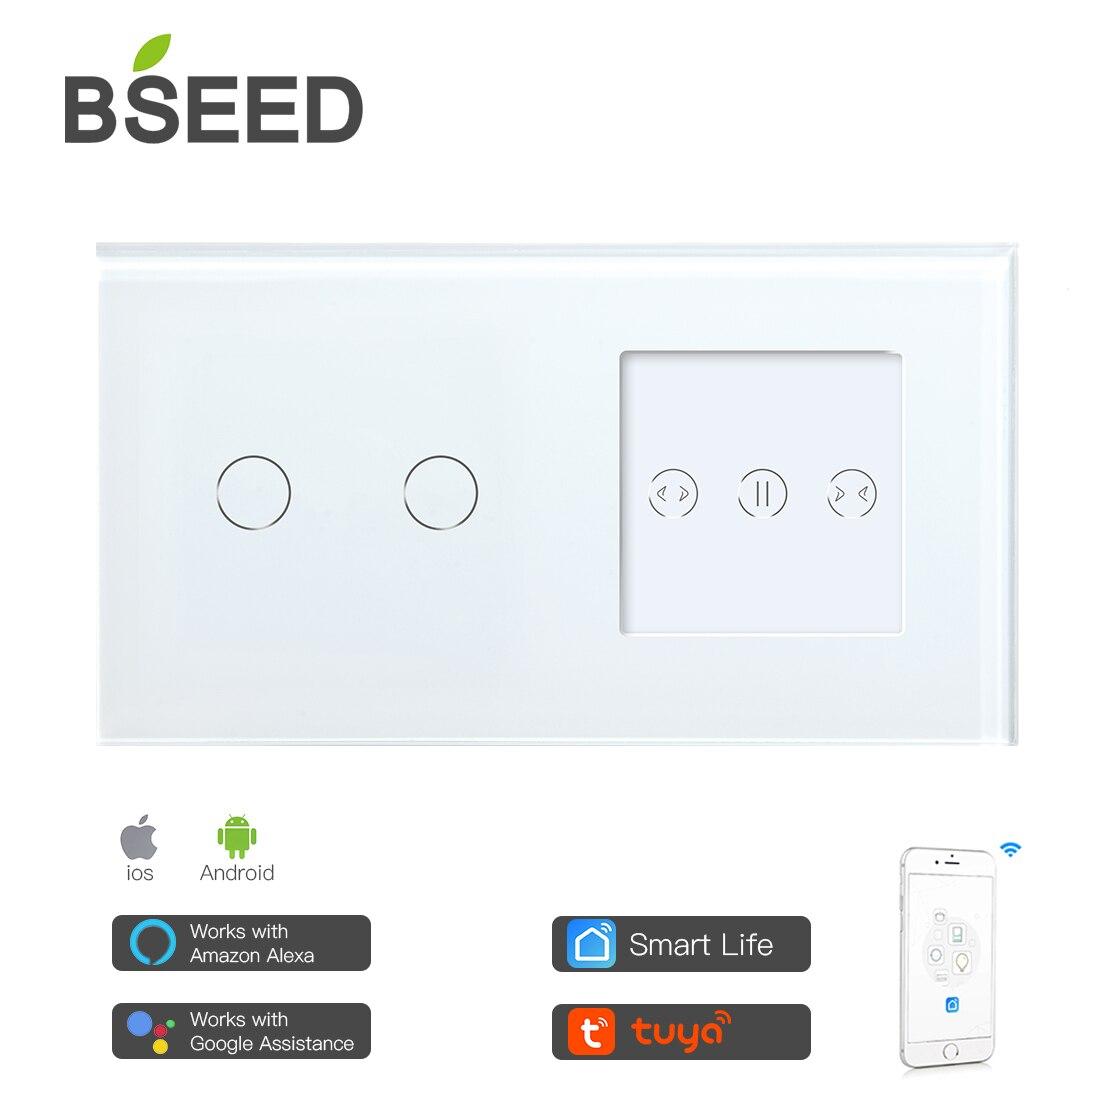 Умный сенсорный выключатель BSEED с 2 клавишами, европейский стандарт, Wi-Fi, умная занавеска с белой прозрачной стеклянной панелью, умная штора, работает с приложением Tuya